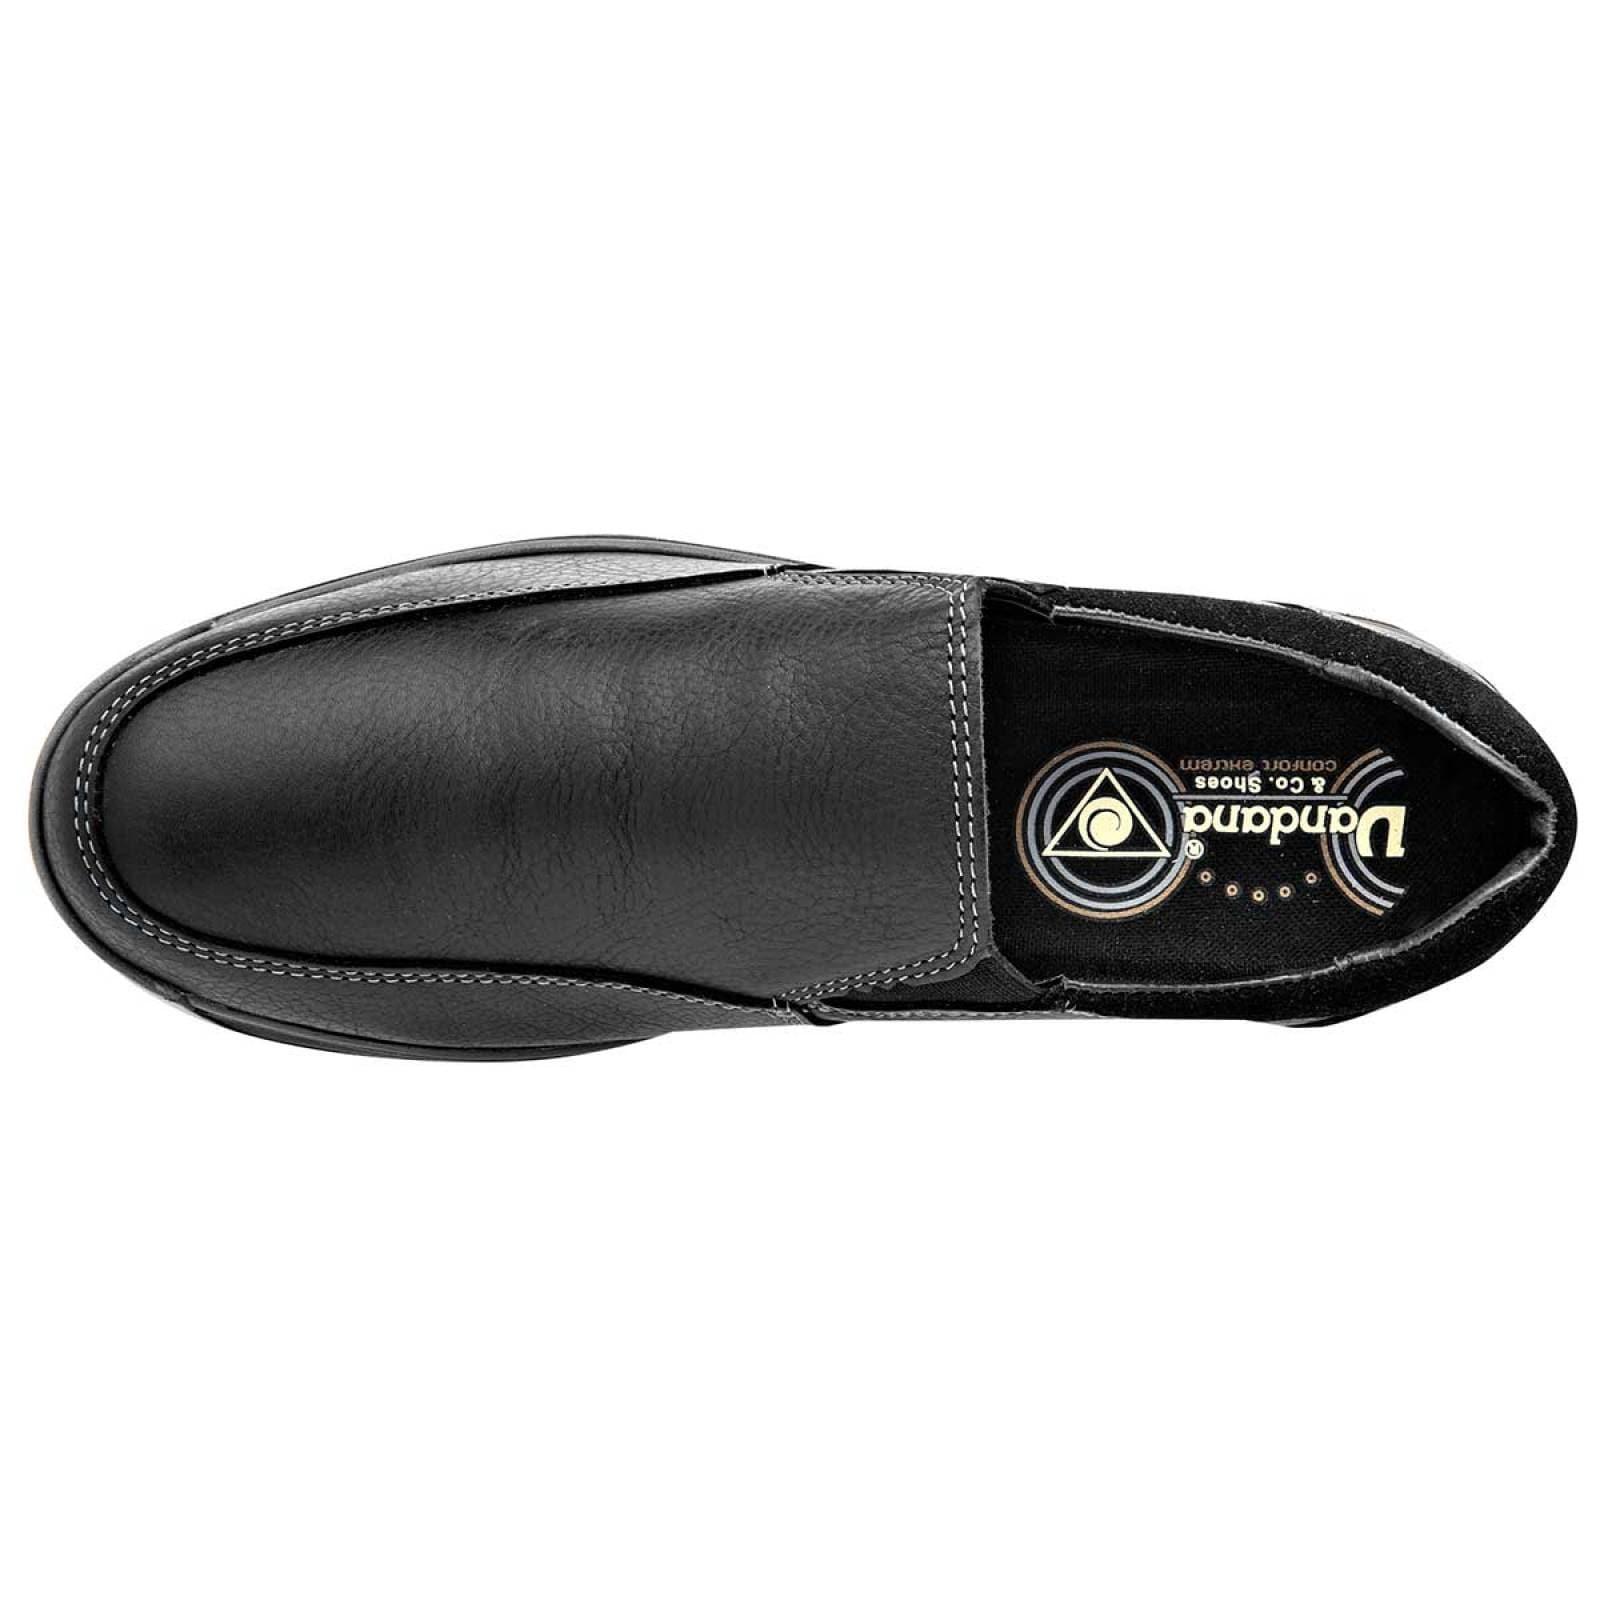 Vandana Zapato Hombre Negro